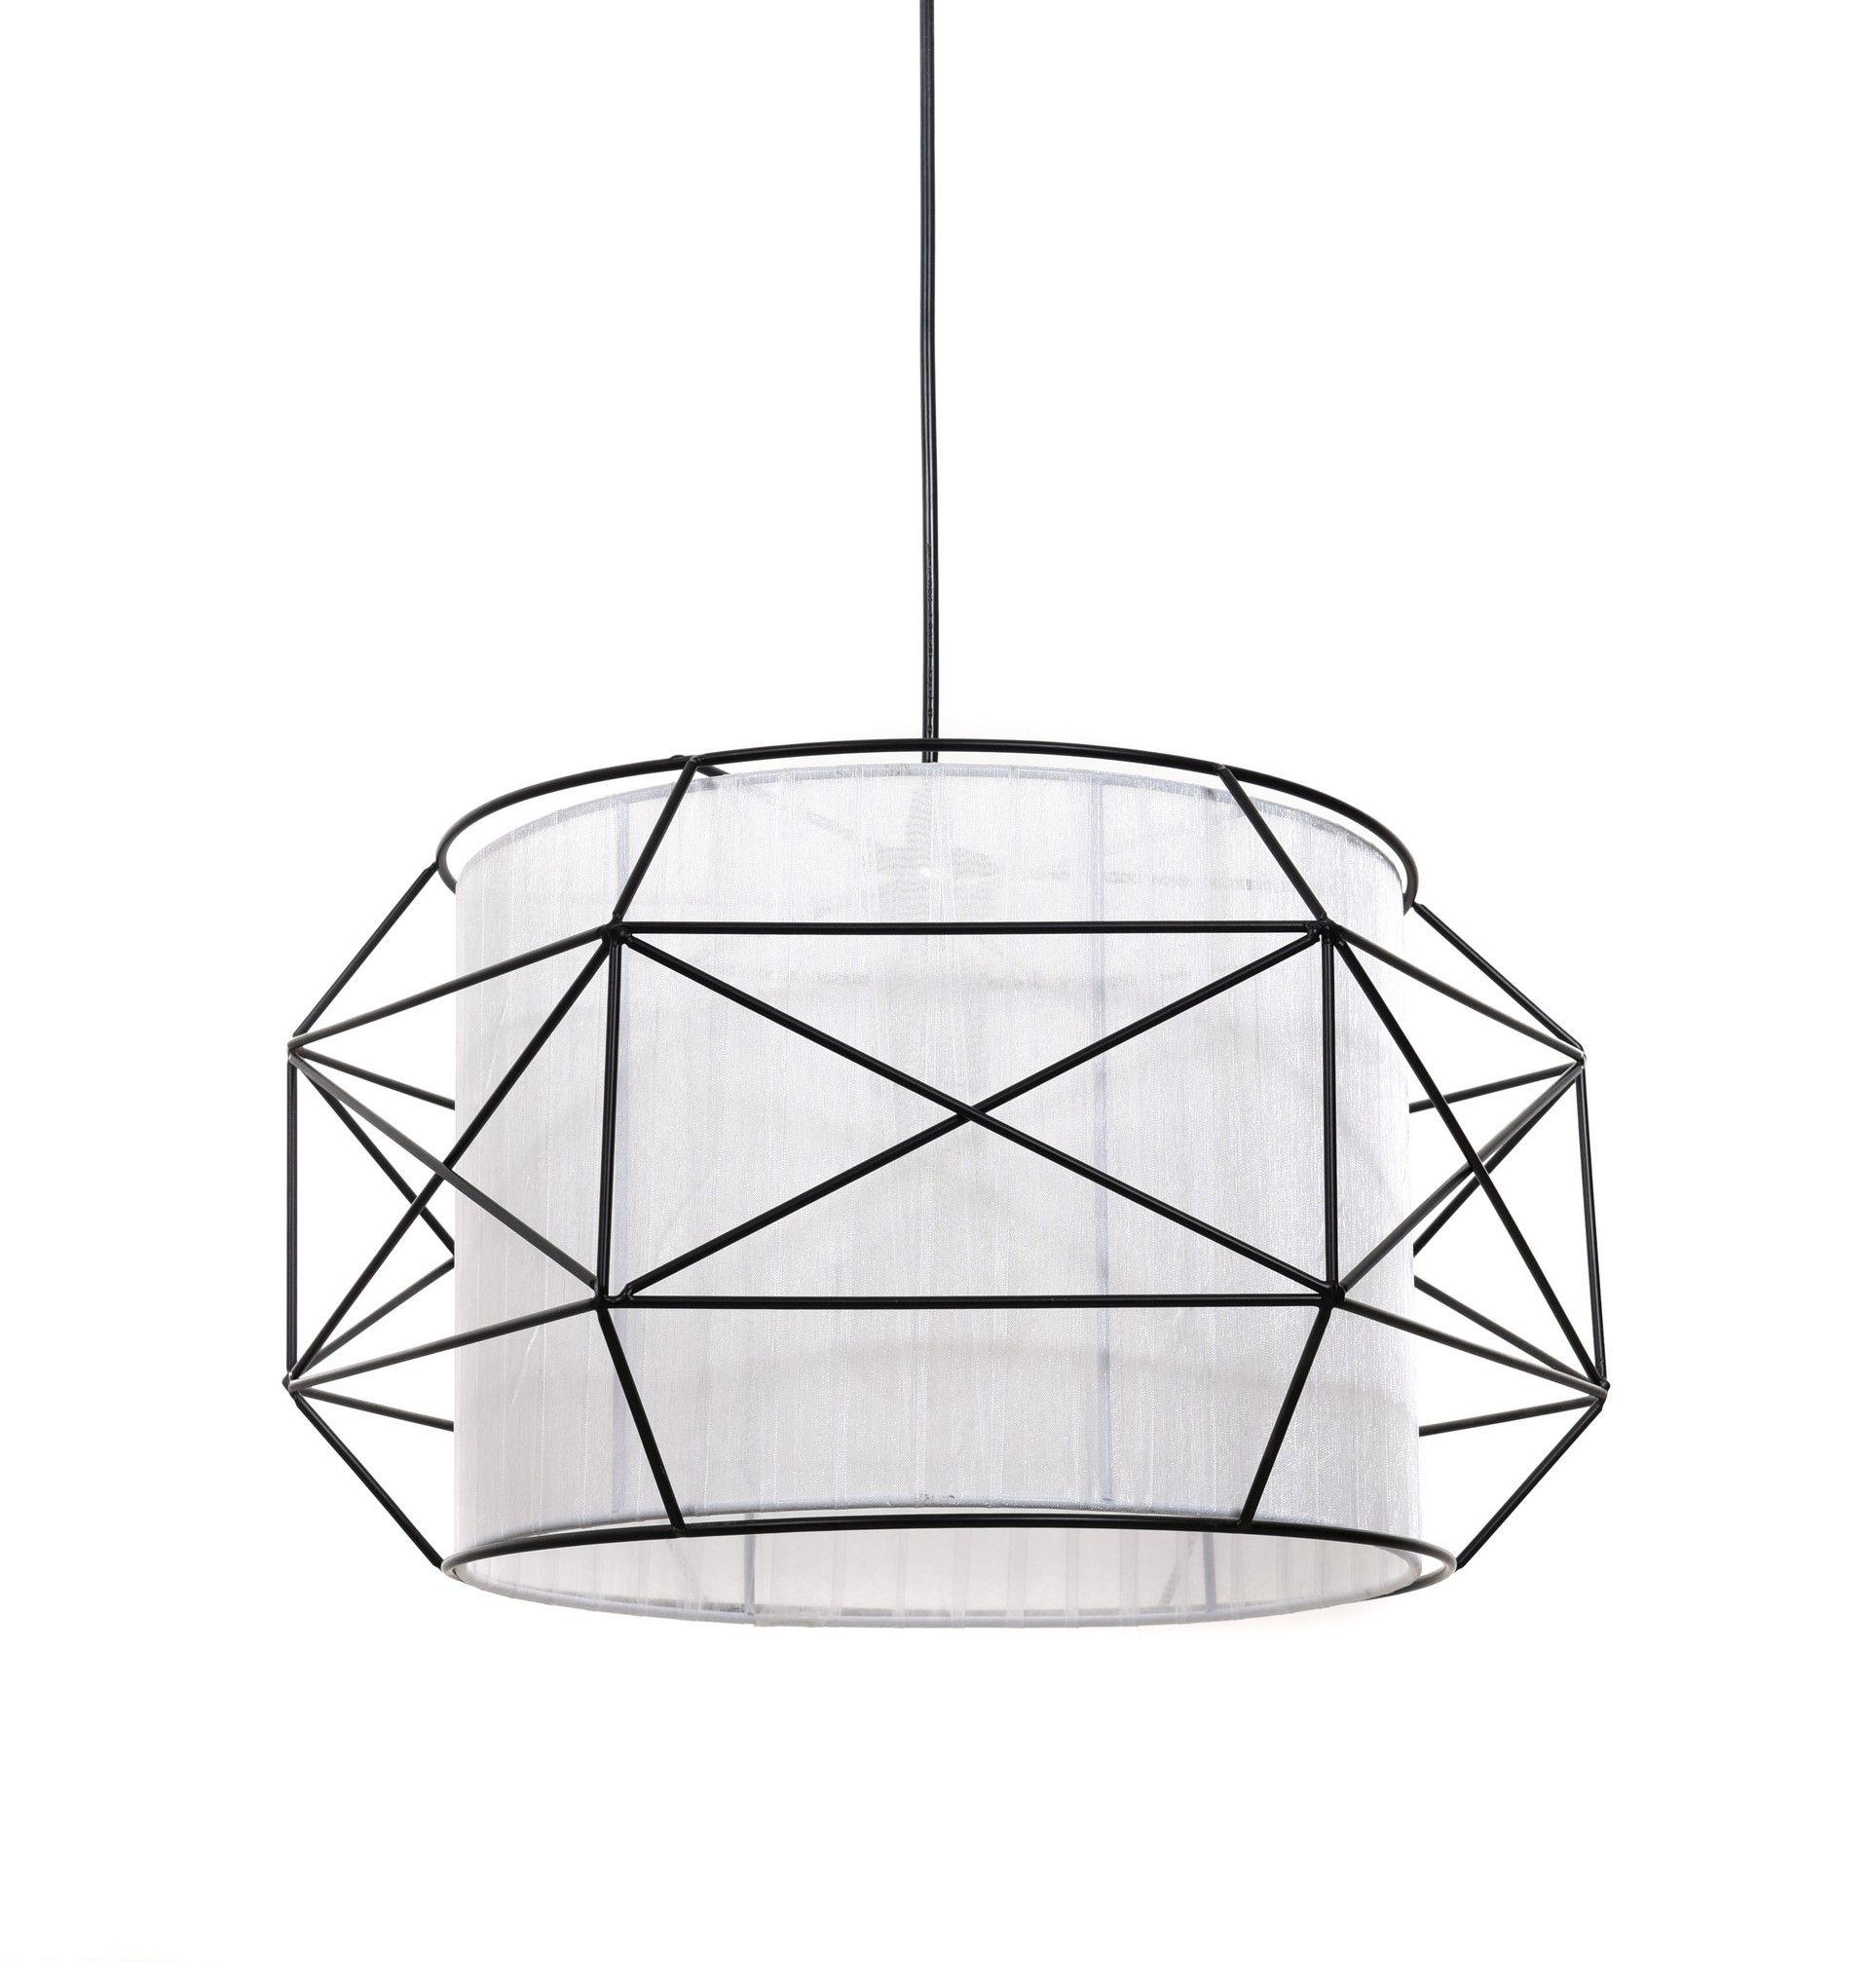 Подвесной светильник Lumina Deco Berti LDP 8001 BK+WT, 1xE27x40W, черный, белый, черно-белый, металл, текстиль - фото 1